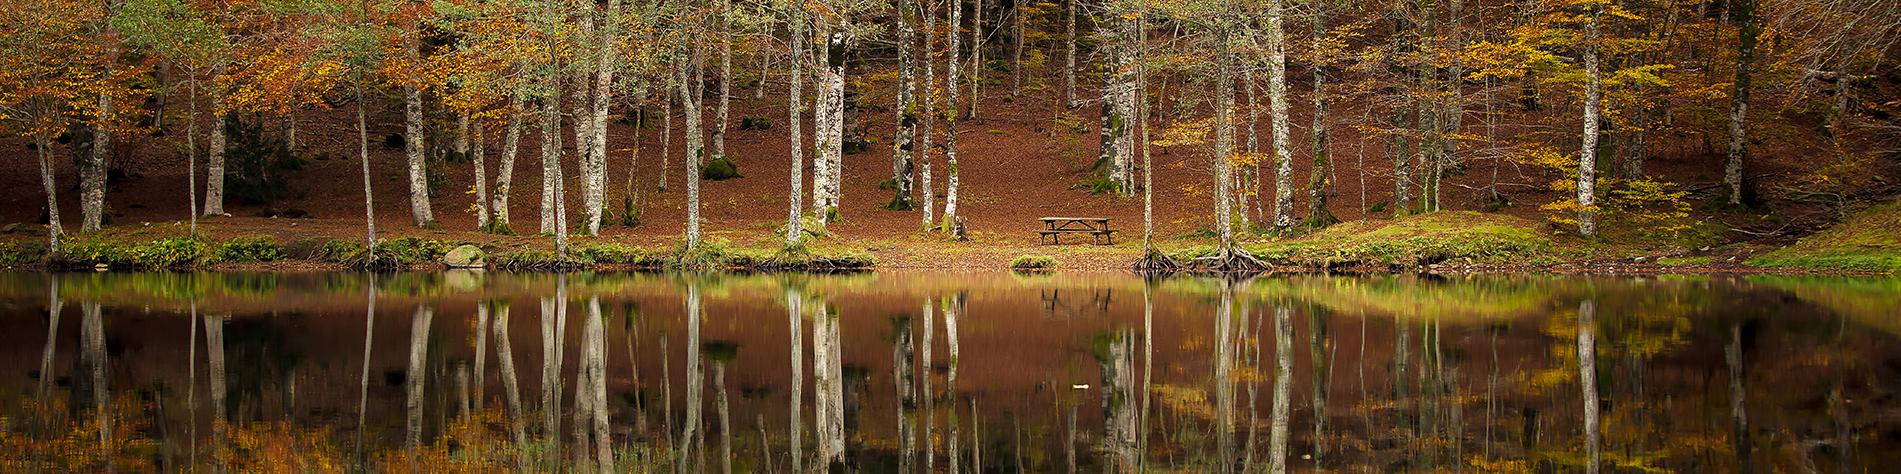 Reflets d'arbres sur un lac